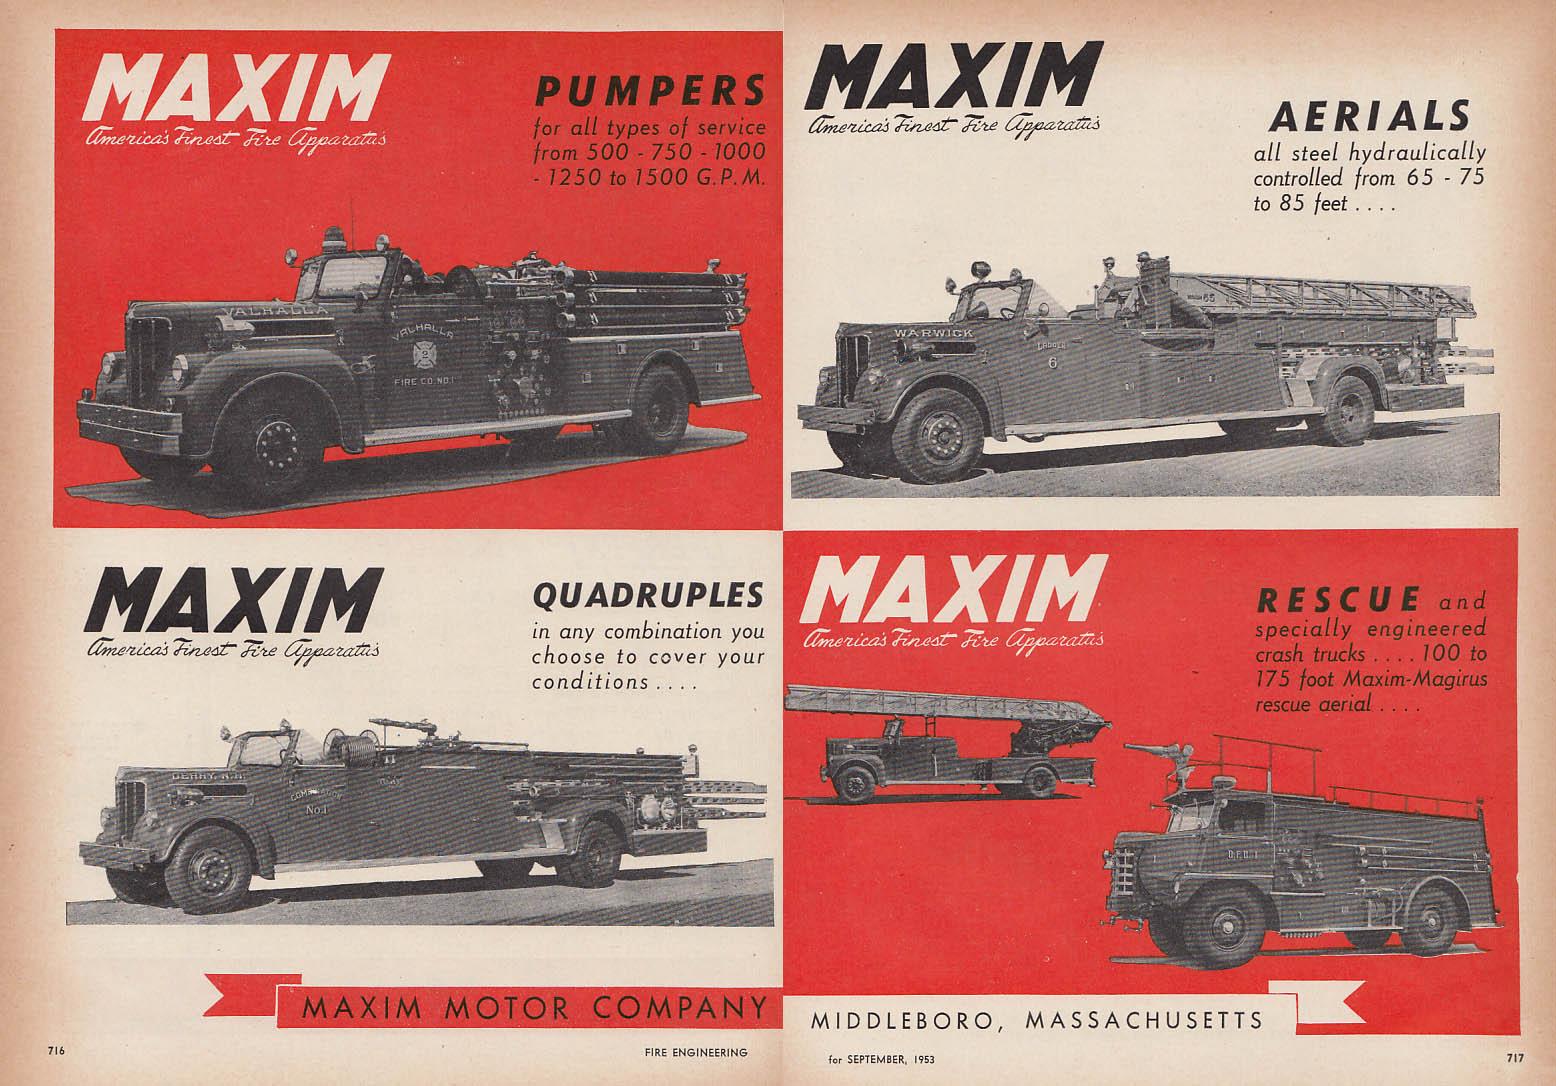 Maxim Pumpers Aerials Quadruples & Rescue Fire Truck ad 1953